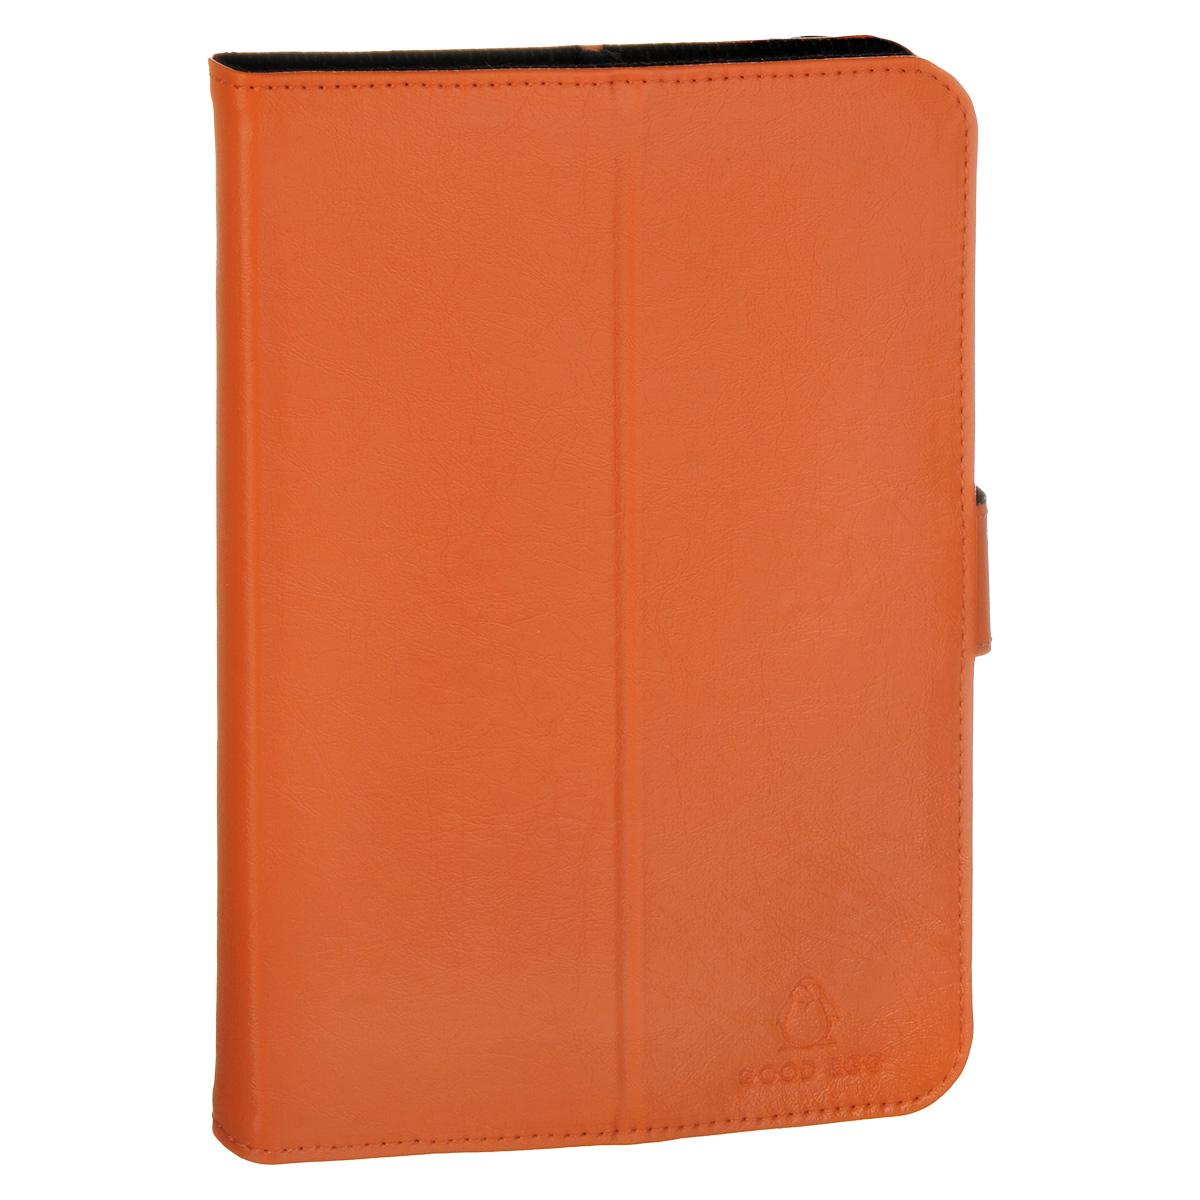 Good Egg Lira чехол для PocketBook SURFpad 4 L, OrangeGE-PB4970LIR2250Чехол Good Egg Lira для планшета PocketBook SURFpad 4 L обеспечивает максимальную защиту экрана при транспортировке благодаря усиленной передней стороне. Он способен надежно защитить устройство от повреждений, повысить его сохранность во время путешествий и сделать более комфортным использование гаджета благодаря свободному доступу ко всем функциональным кнопкам. Чехол легко трансформируется в подставку.